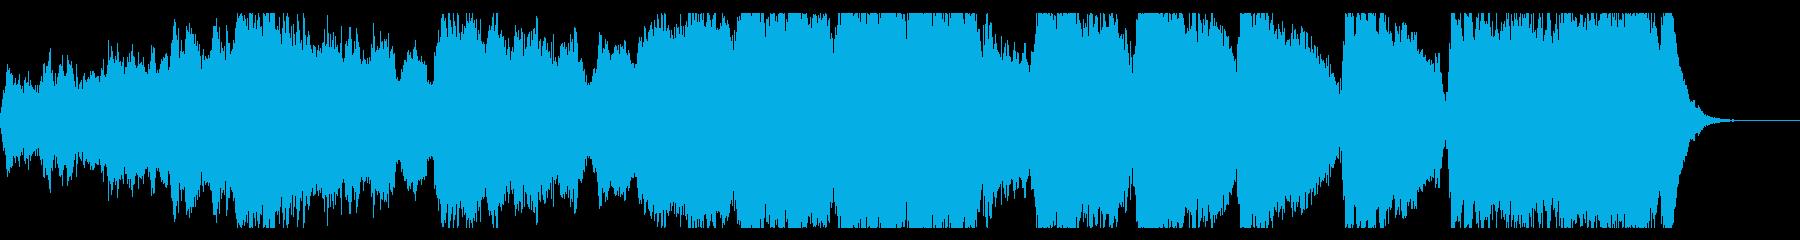 TVでも使われるクラシック キエフ L の再生済みの波形